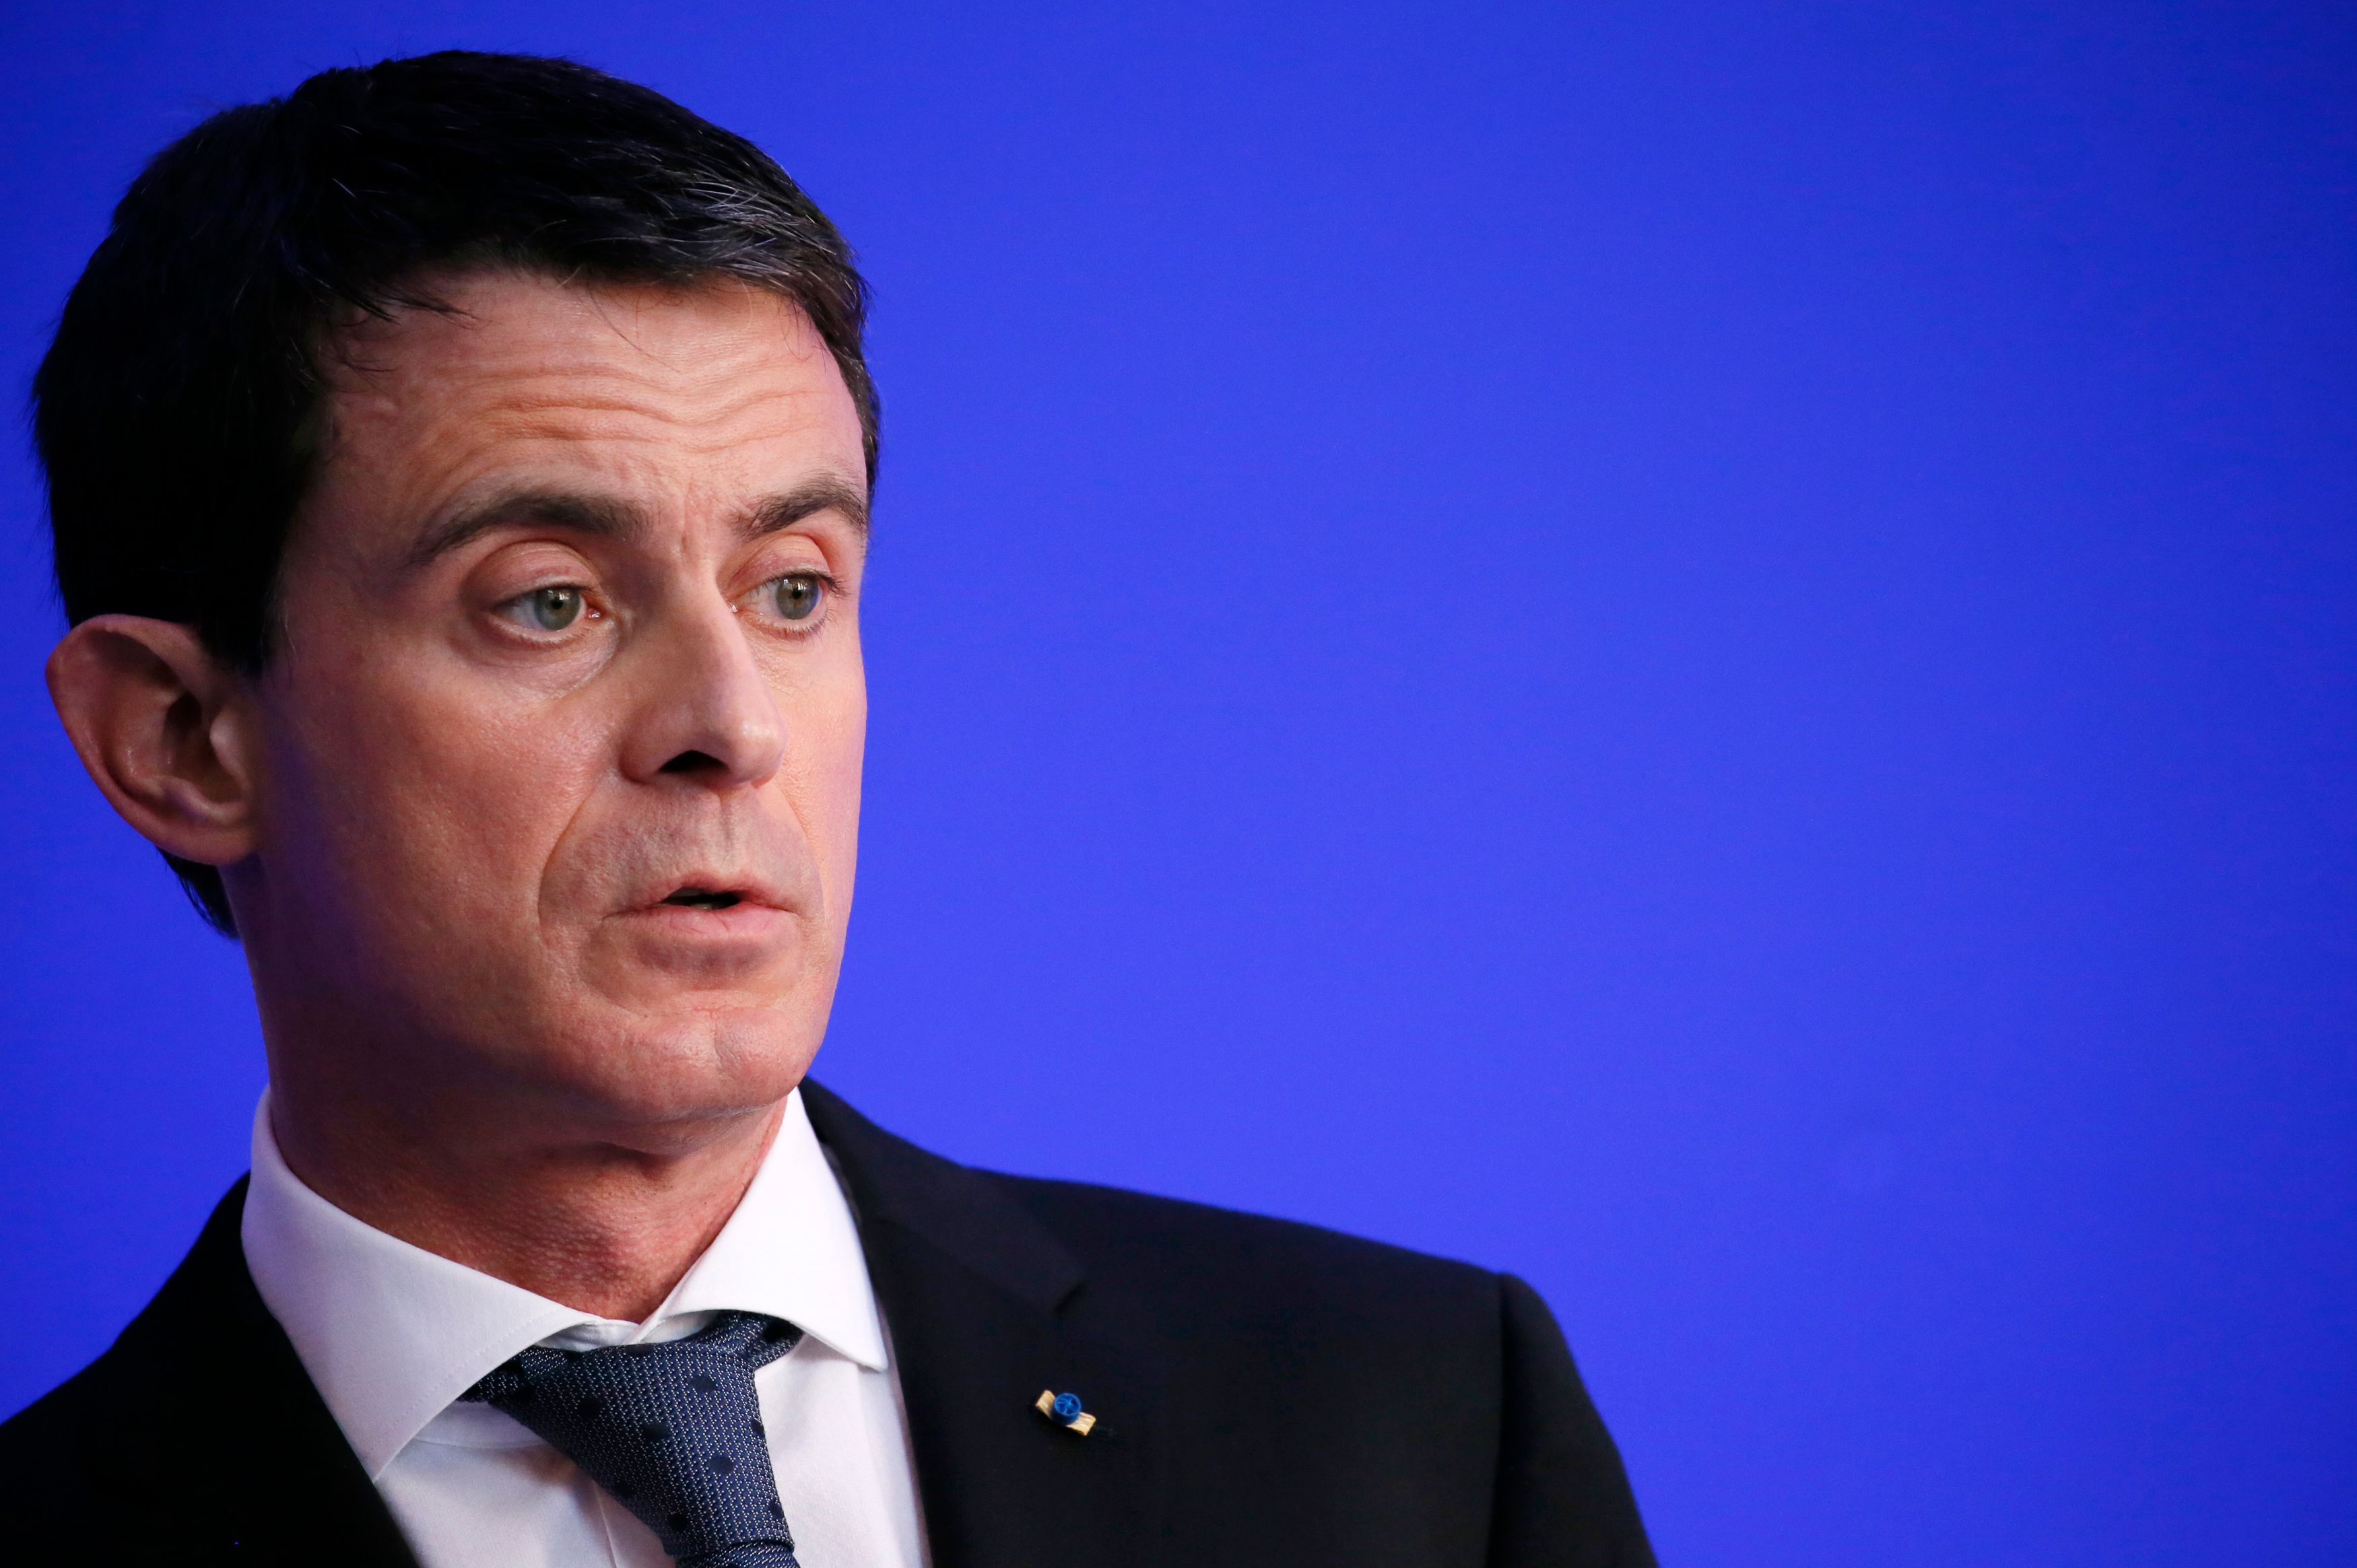 """Démission d'Emmanuel Macron : """"Dans ce moment-là, on ne peut pas partir, on ne peut pas déserter"""", estime Manuel Valls"""